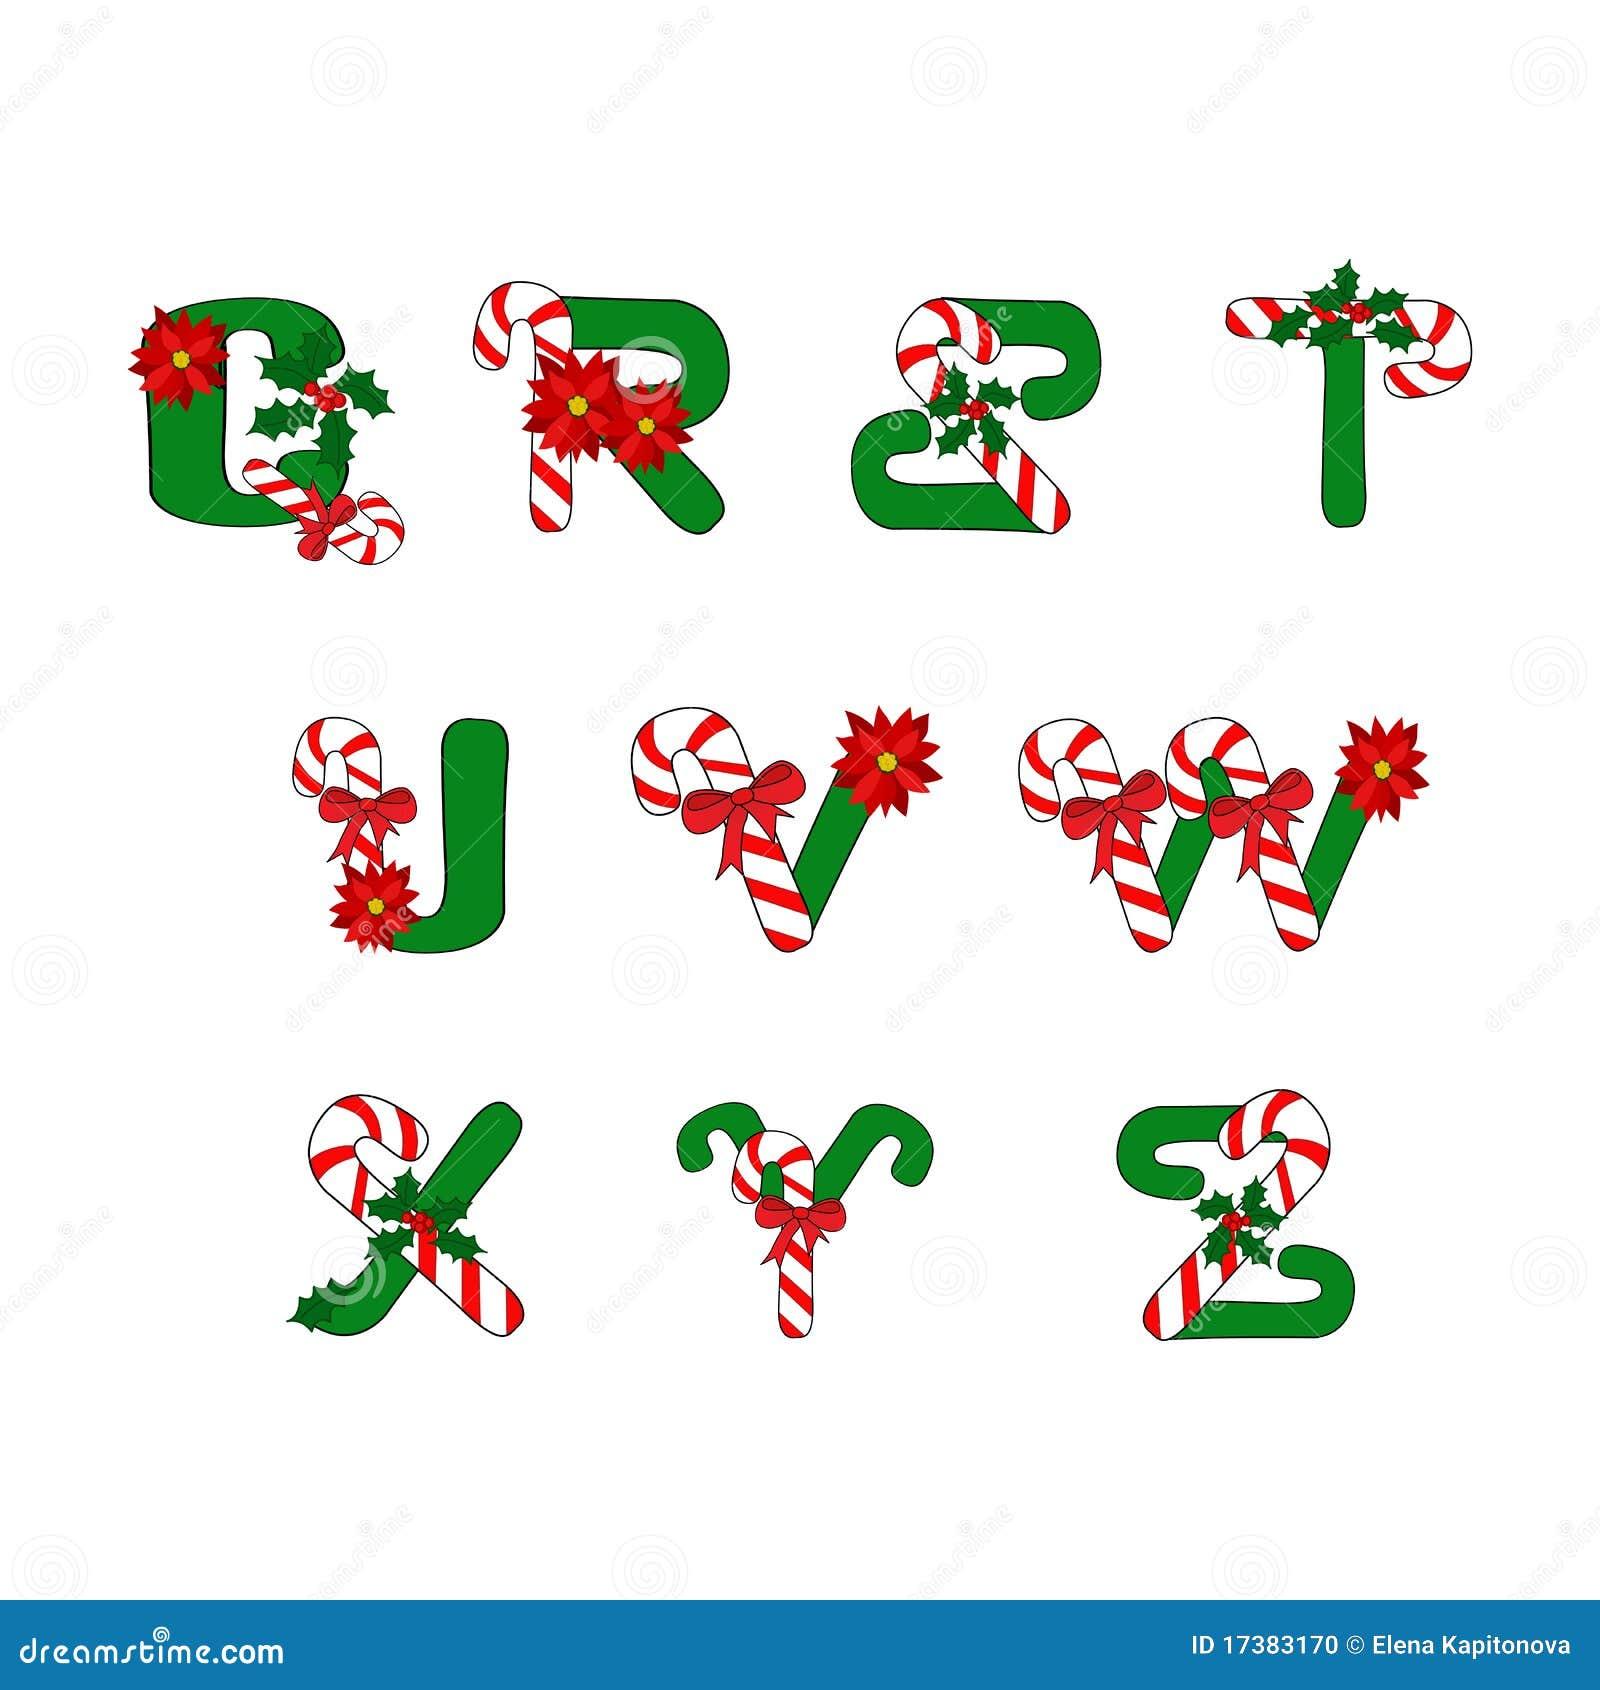 字母表糖果圣诞节节假日符号.图片